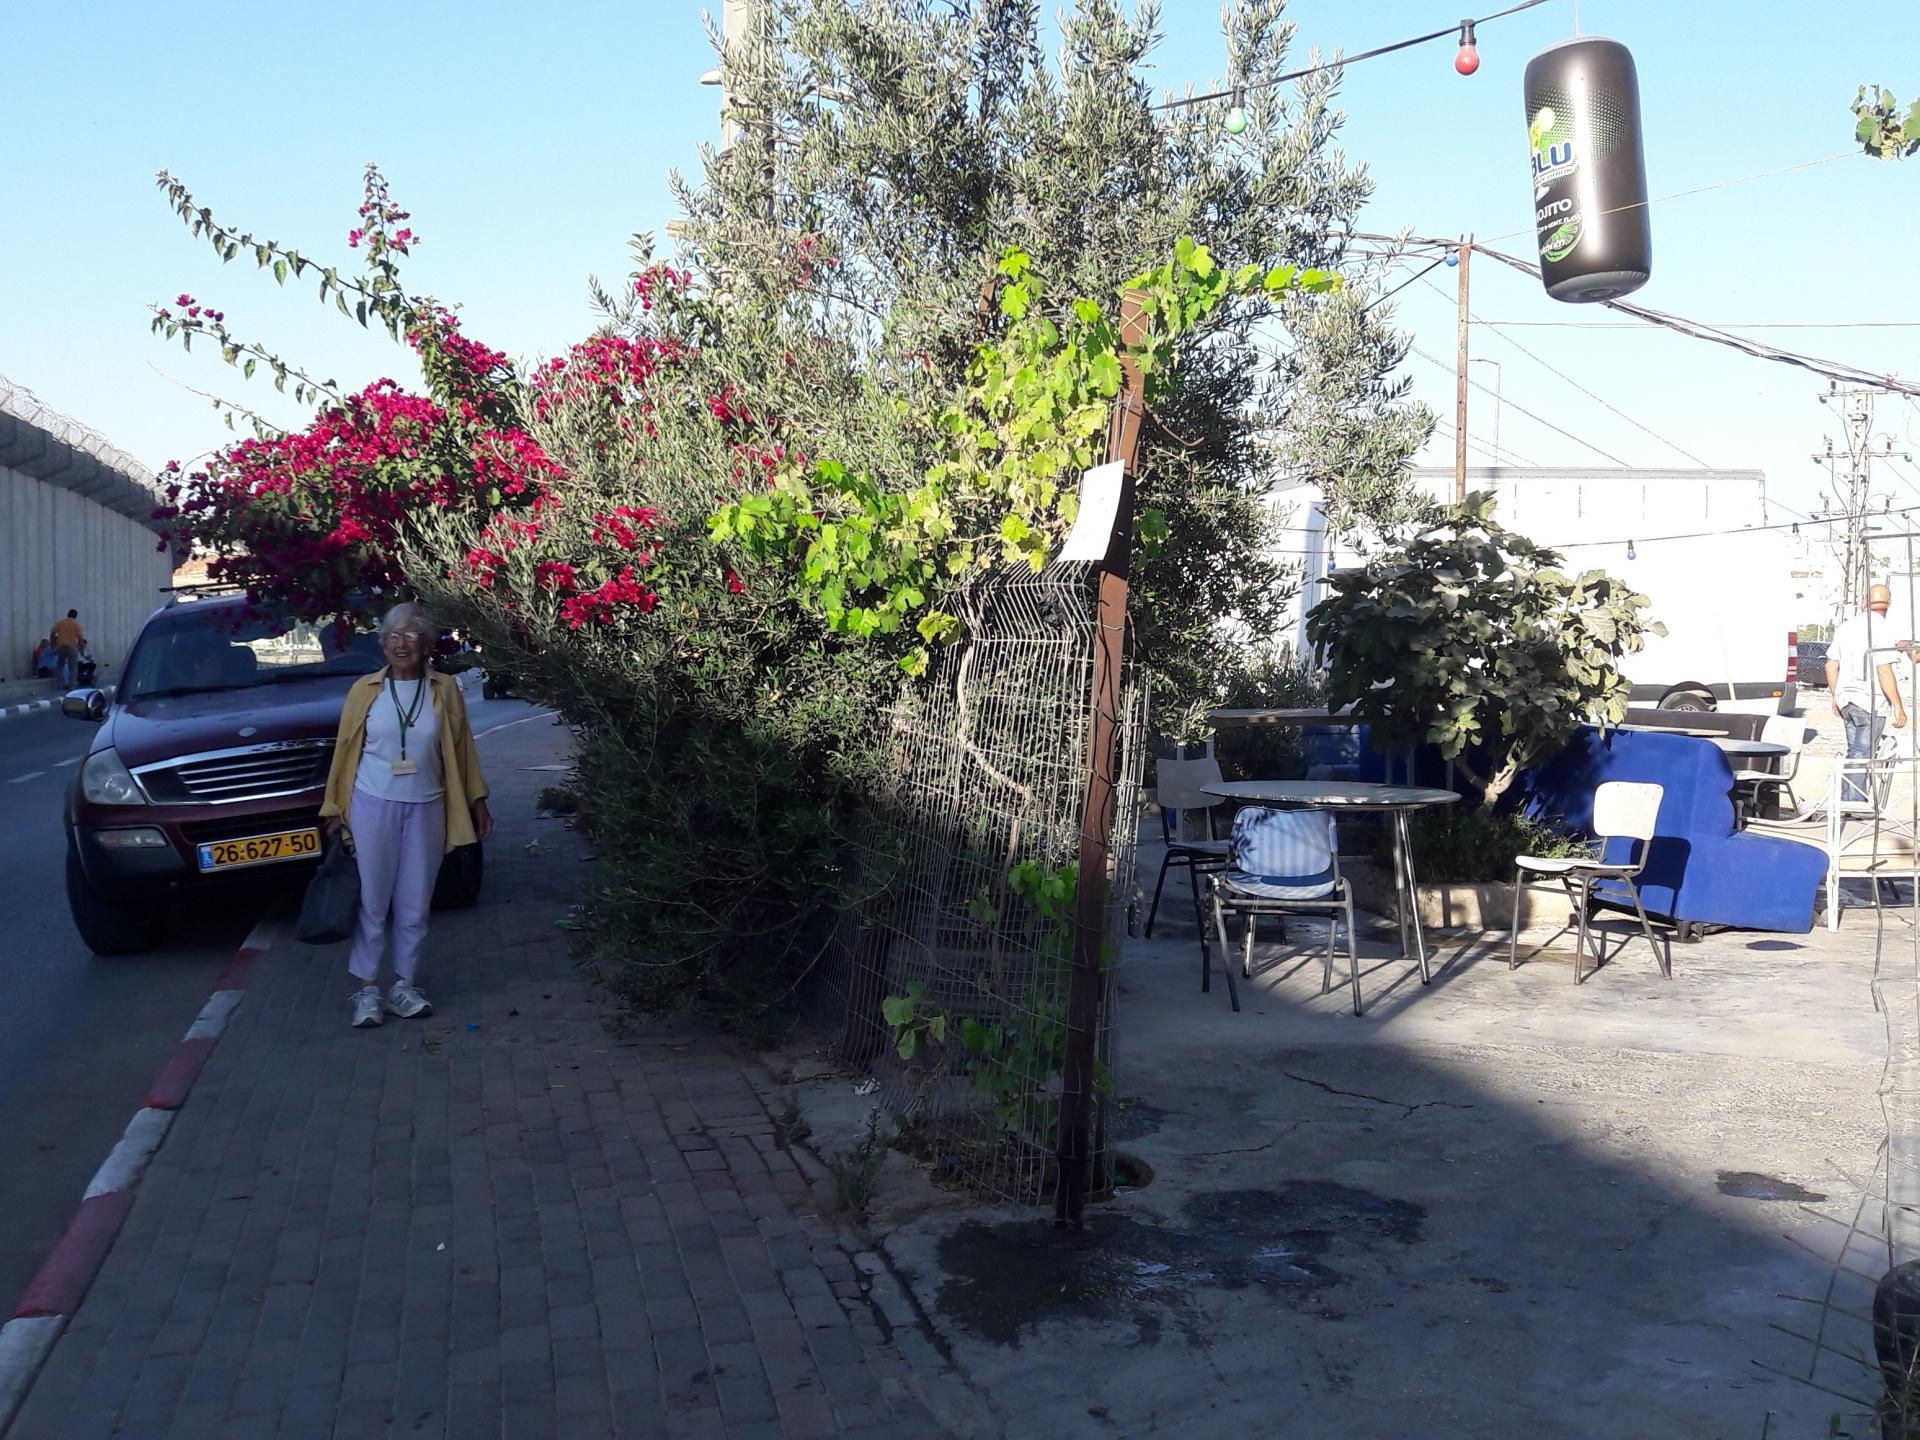 חנה תחת הביגונביליה, מימין חצר בית הקפה ומשמאל מעבר לכביש חומת הפרדה